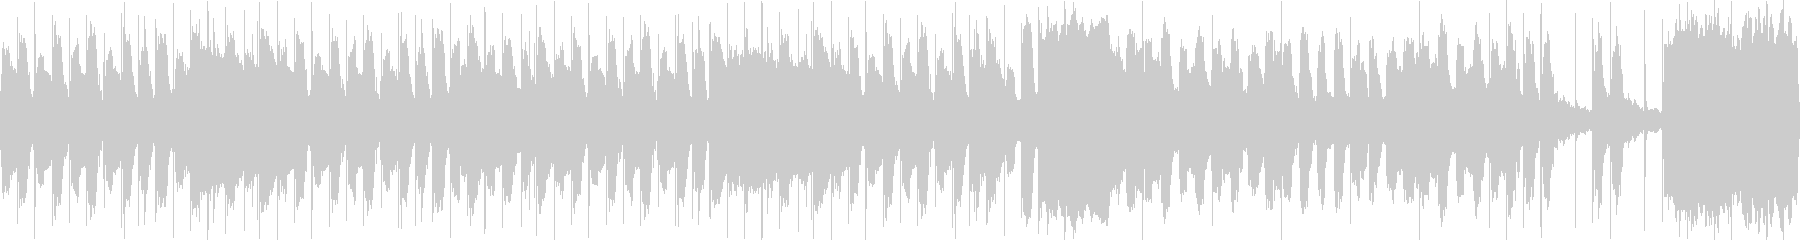 コミカル かわいい ループ2の未再生の波形